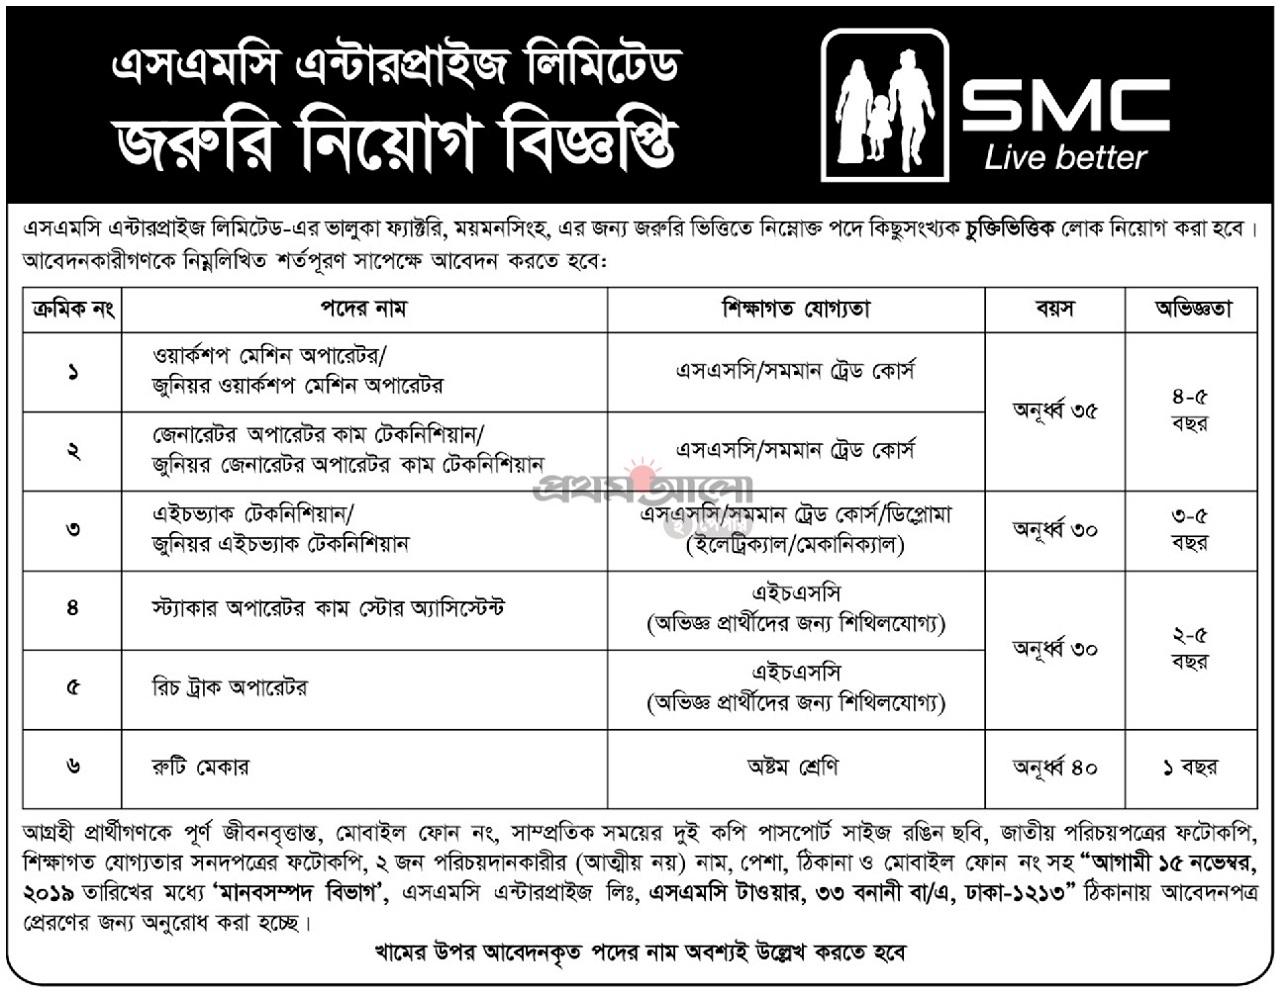 SMC Enterprise Job Circular 2020